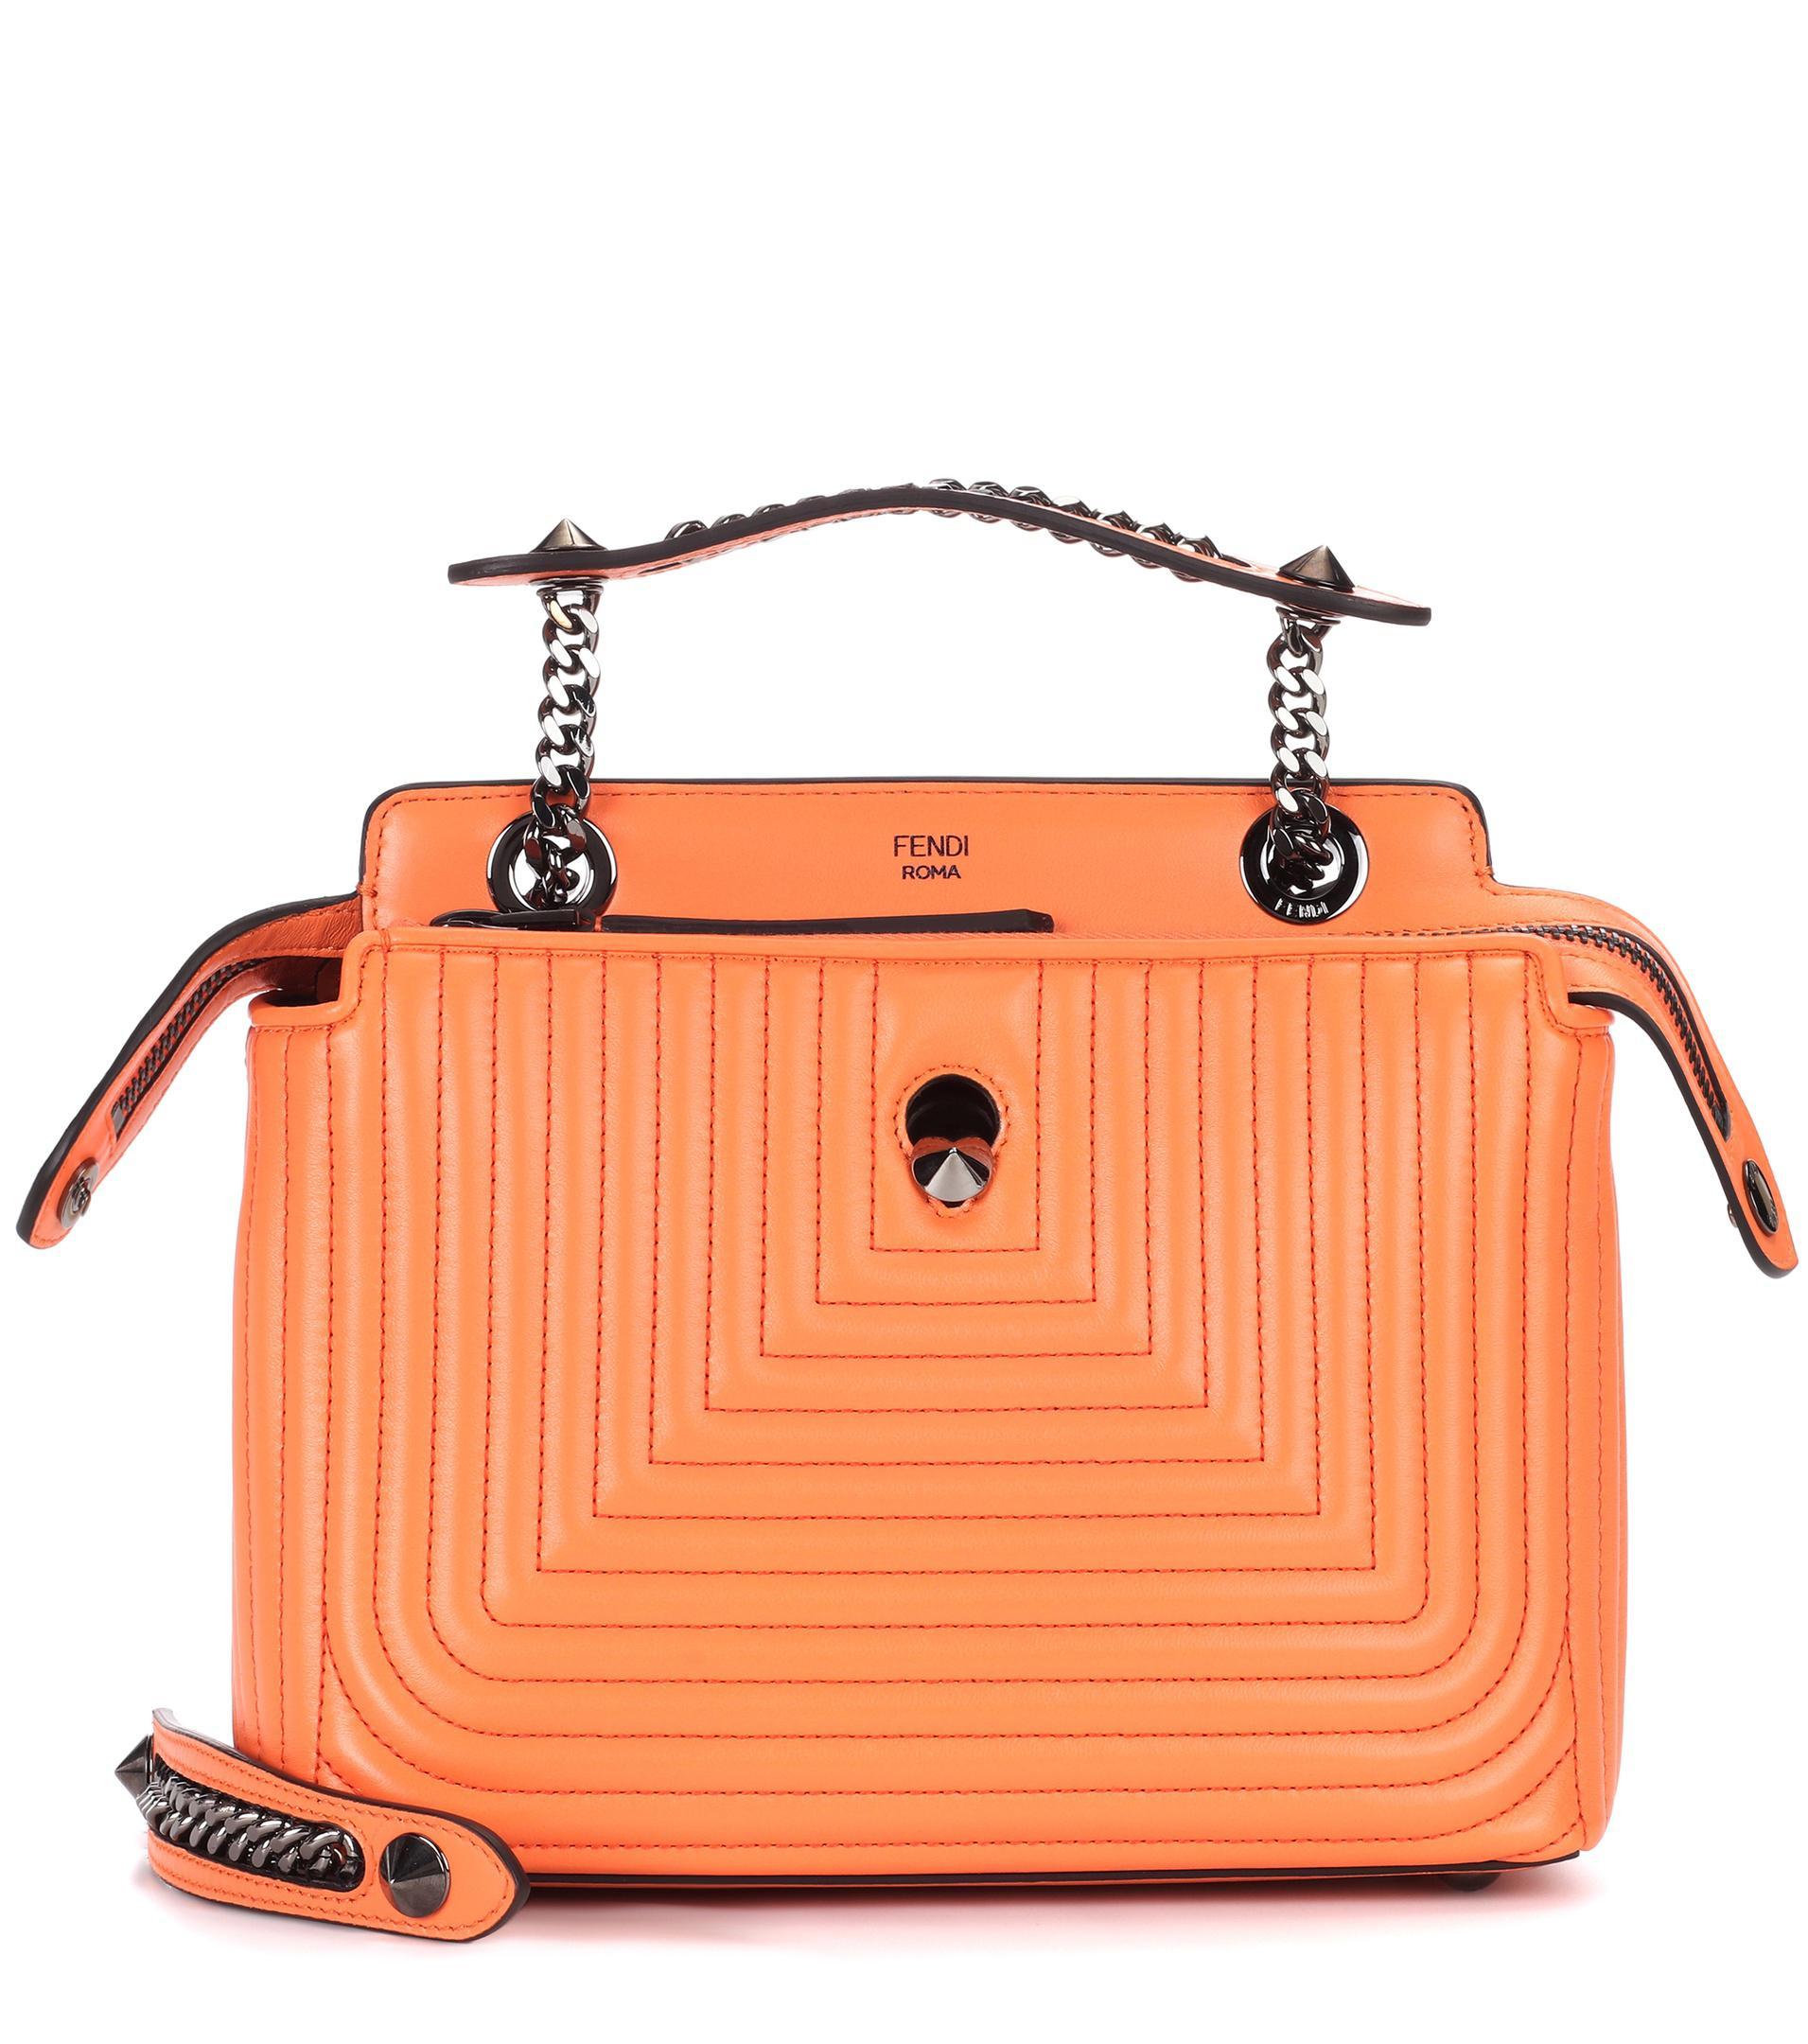 56968c7dccdd Lyst - Fendi Dotcom Click Leather Shoulder Bag in Orange